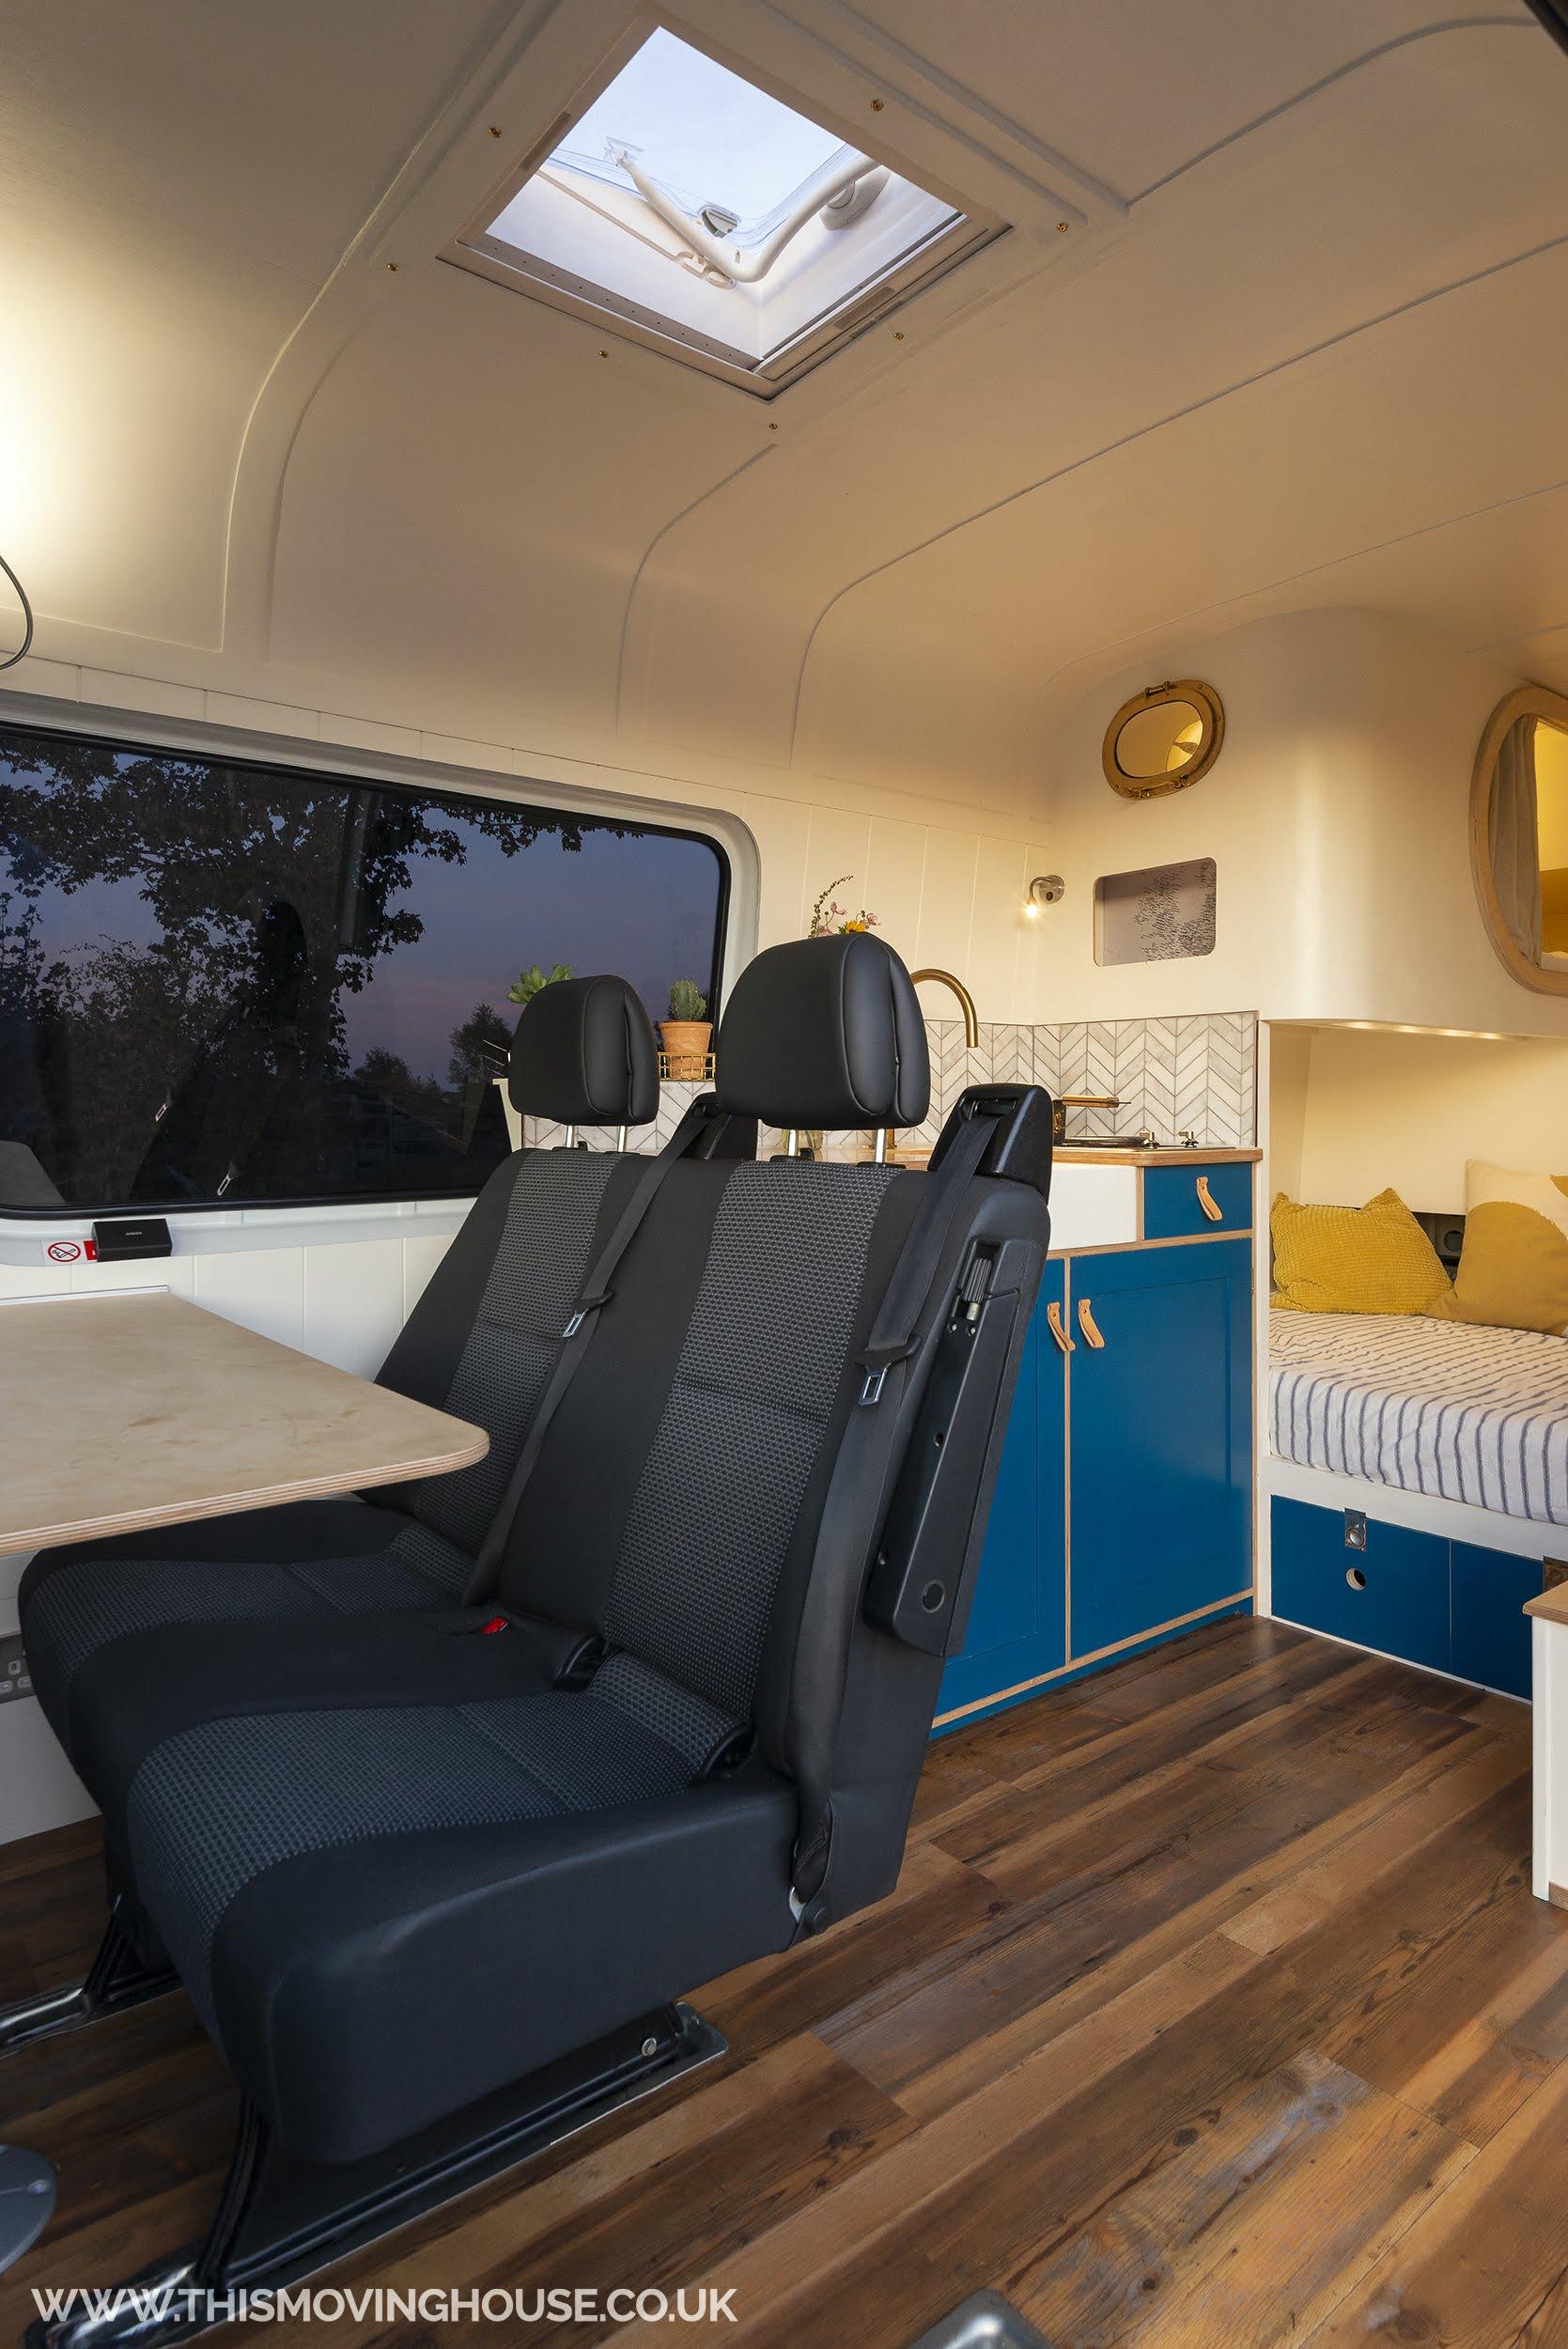 roof light in camper van with handmade surround